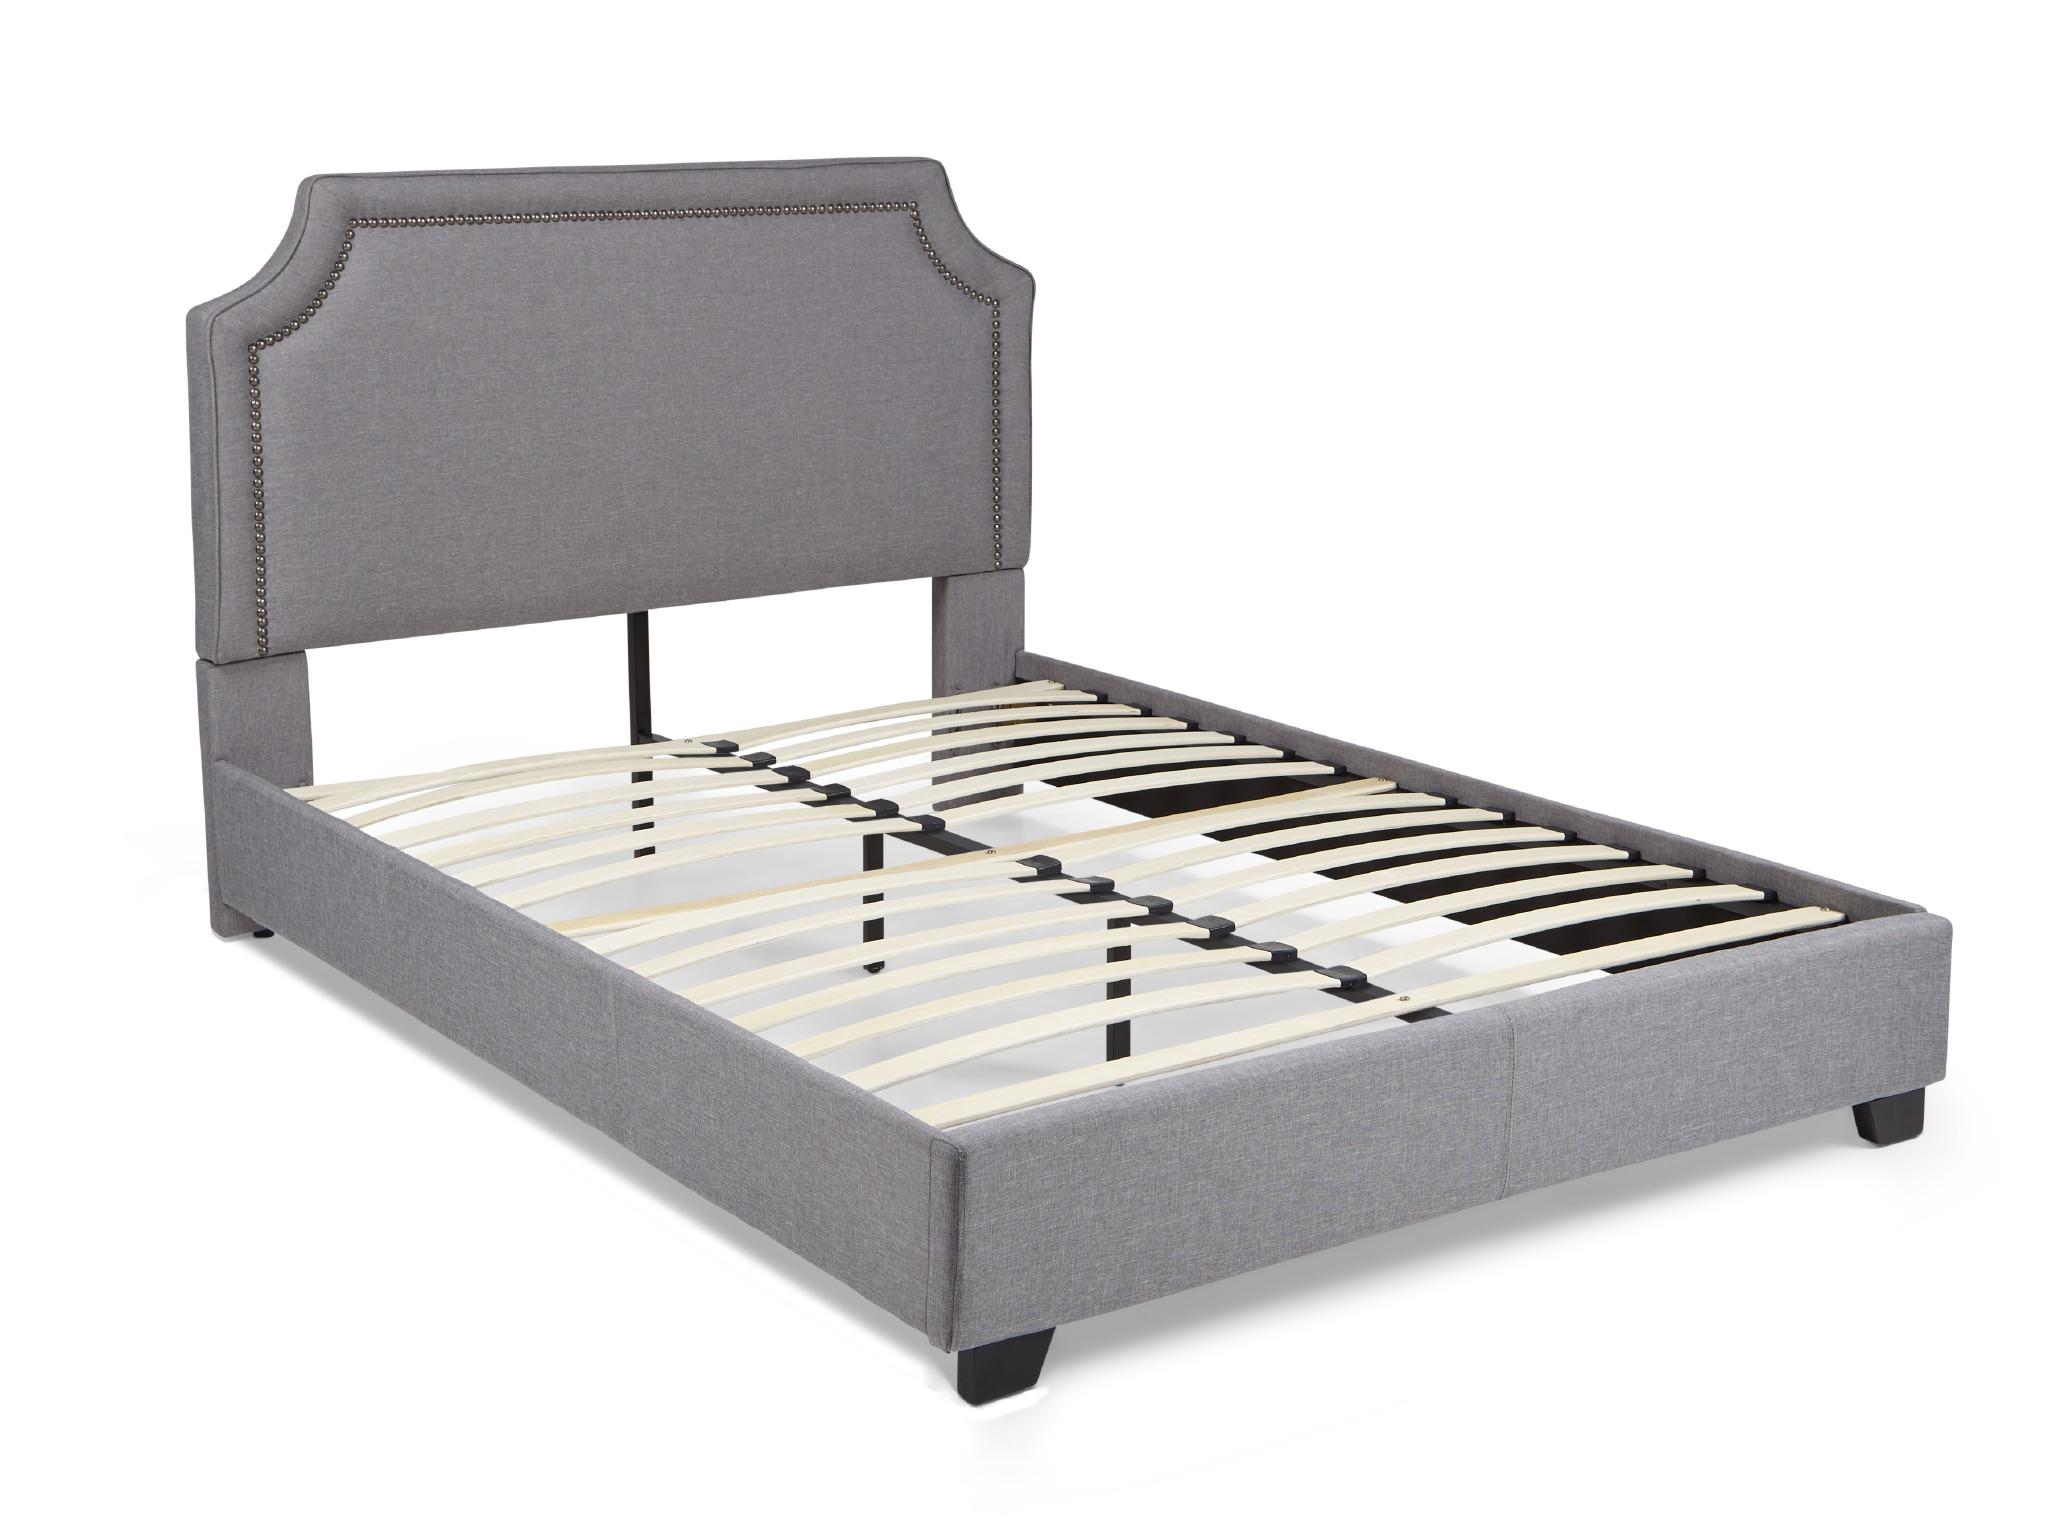 Bed frame platform beds NSRXMIY